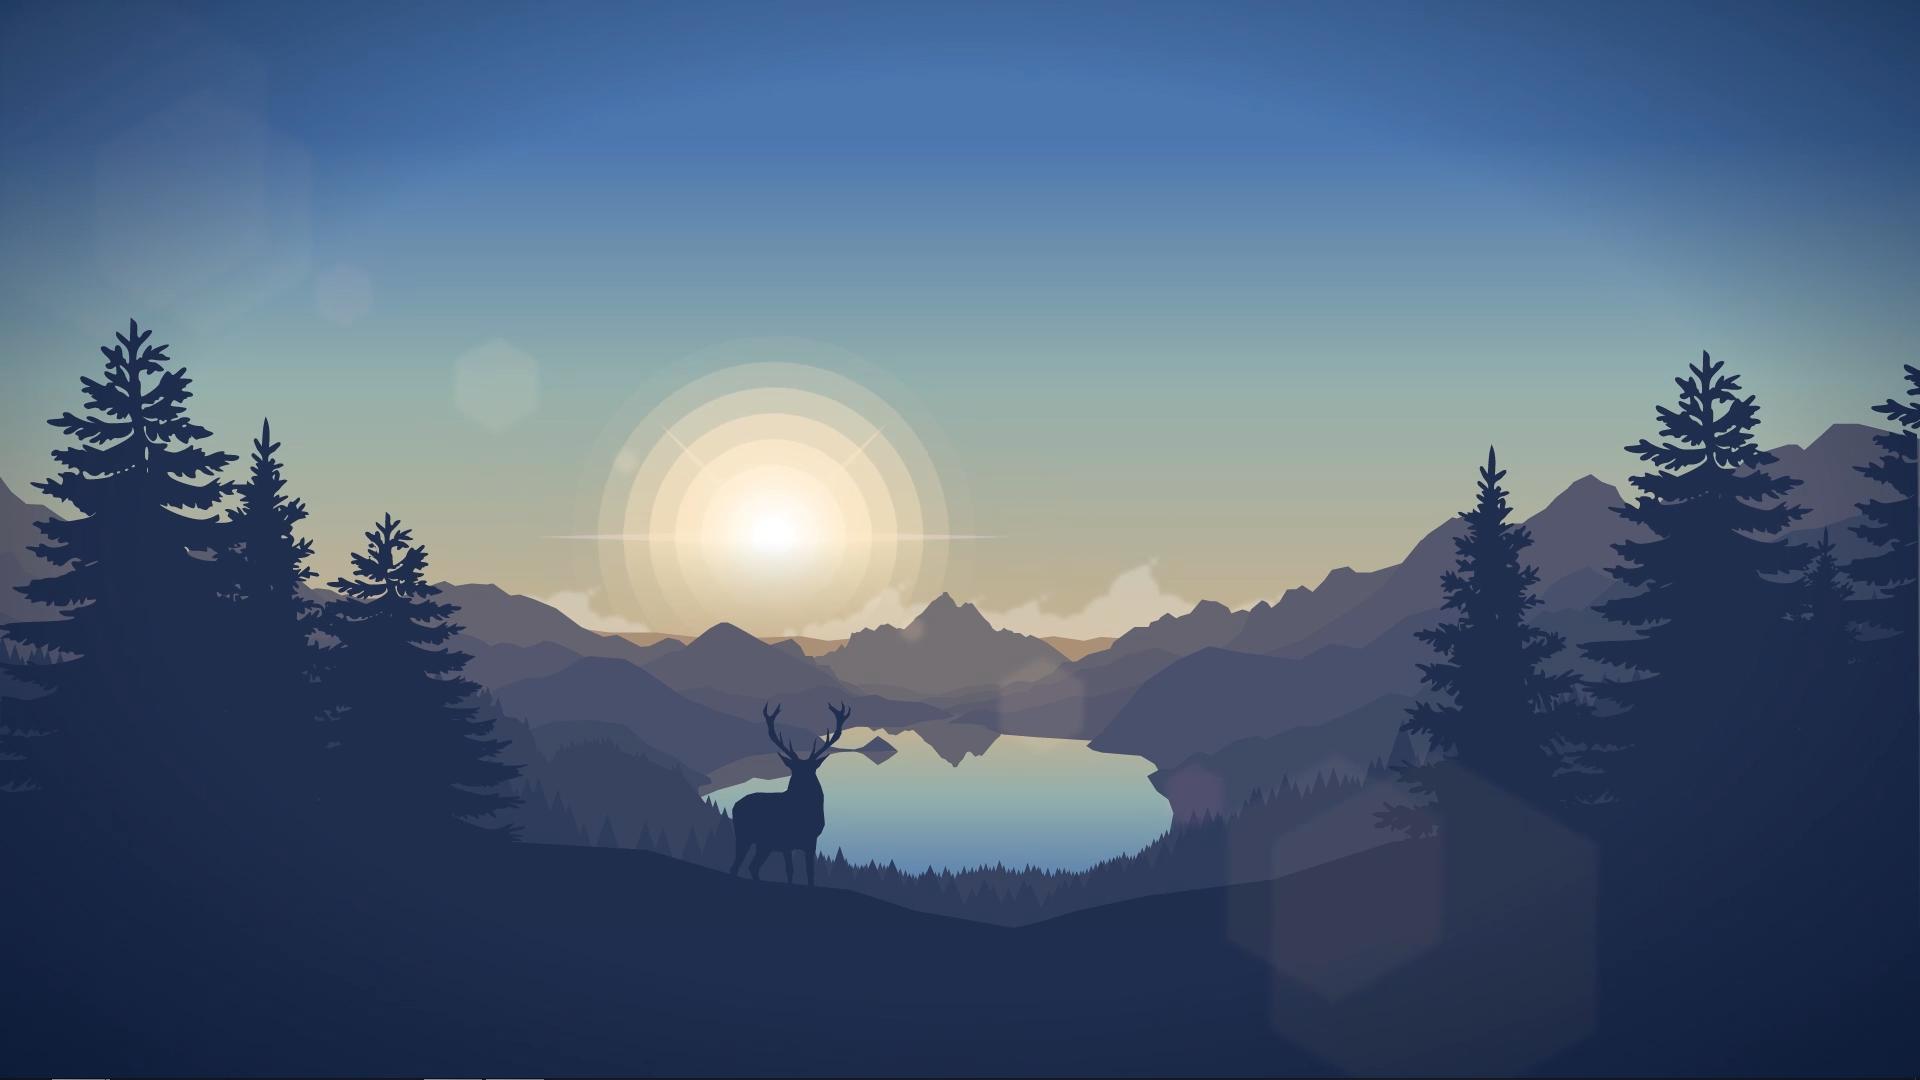 landscape deer Sun pine trees mountains Firewatch